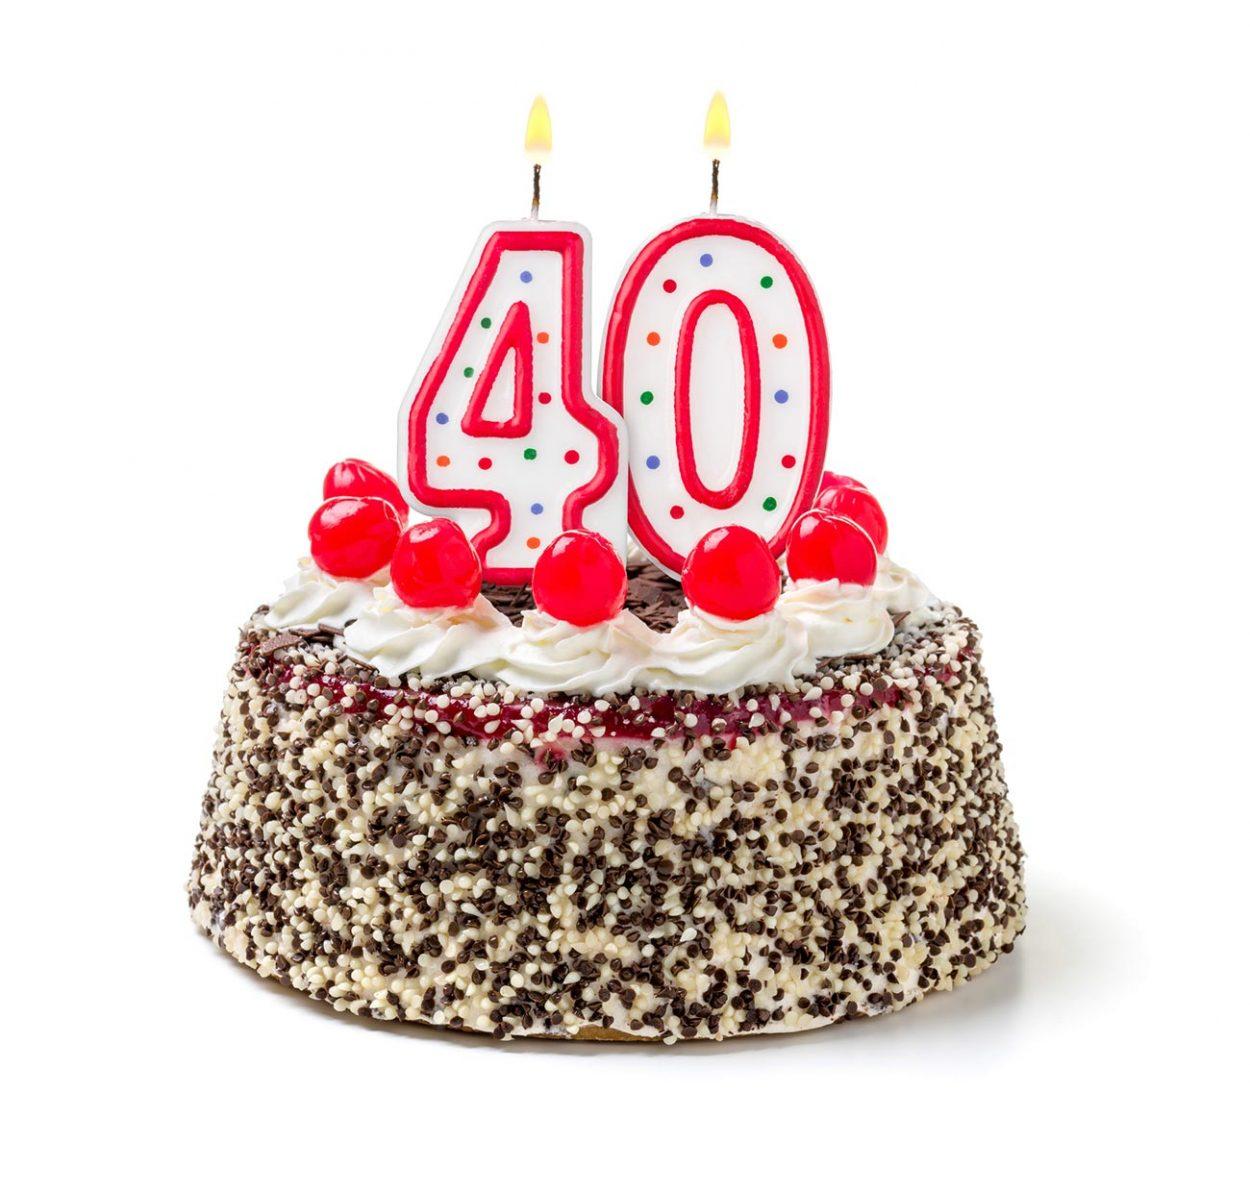 Почему нельзя праздновать 40-летие?